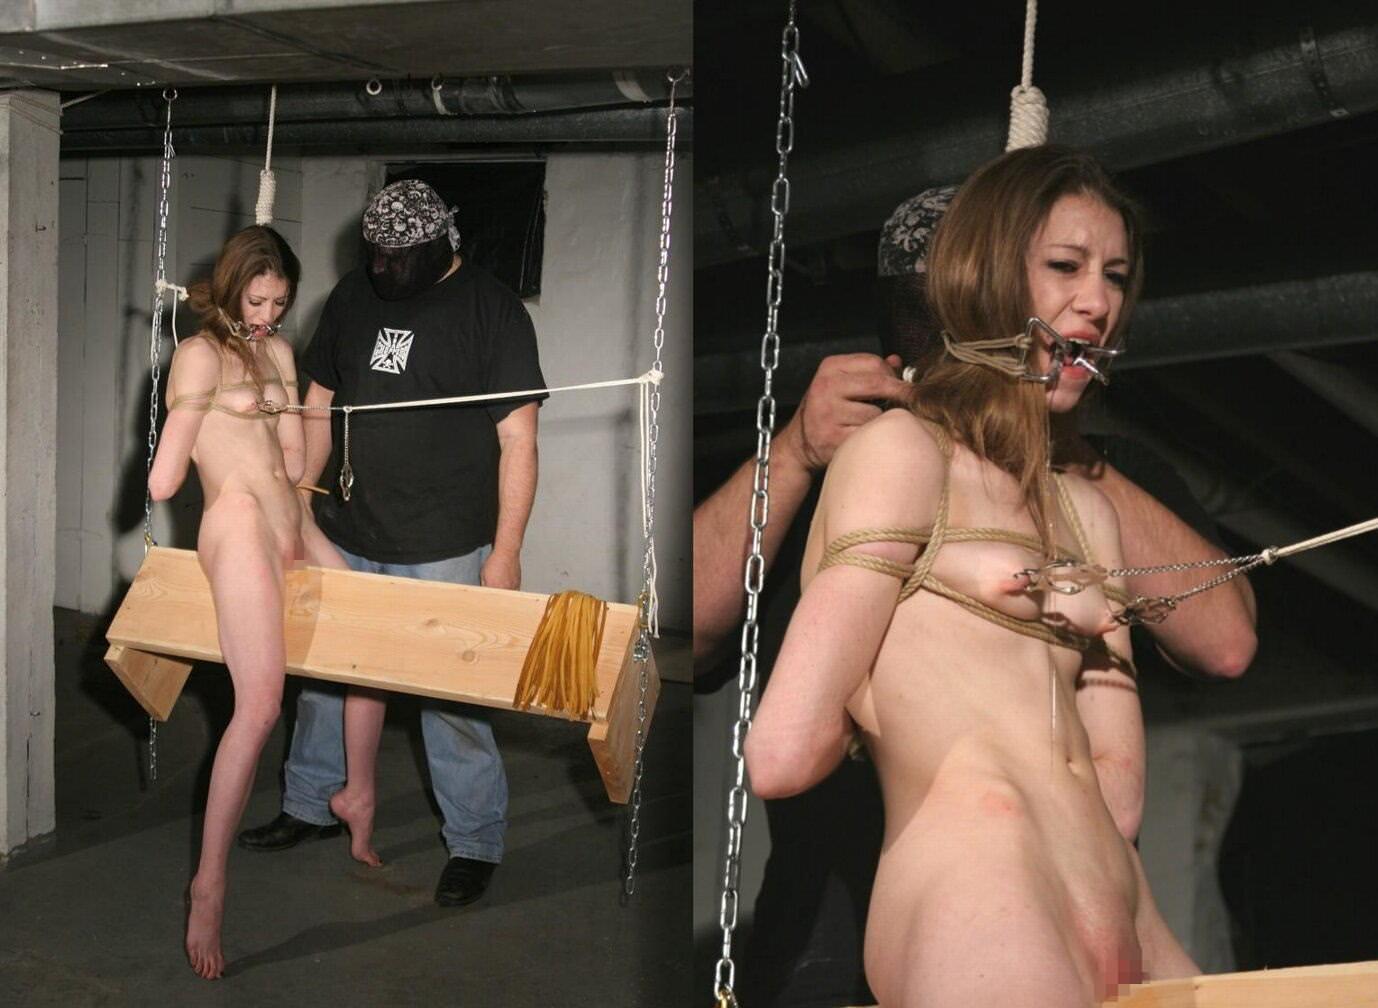 三角木馬で調教されてる美女がガチ絶叫wwwwの拷問SMエロ画像 1284